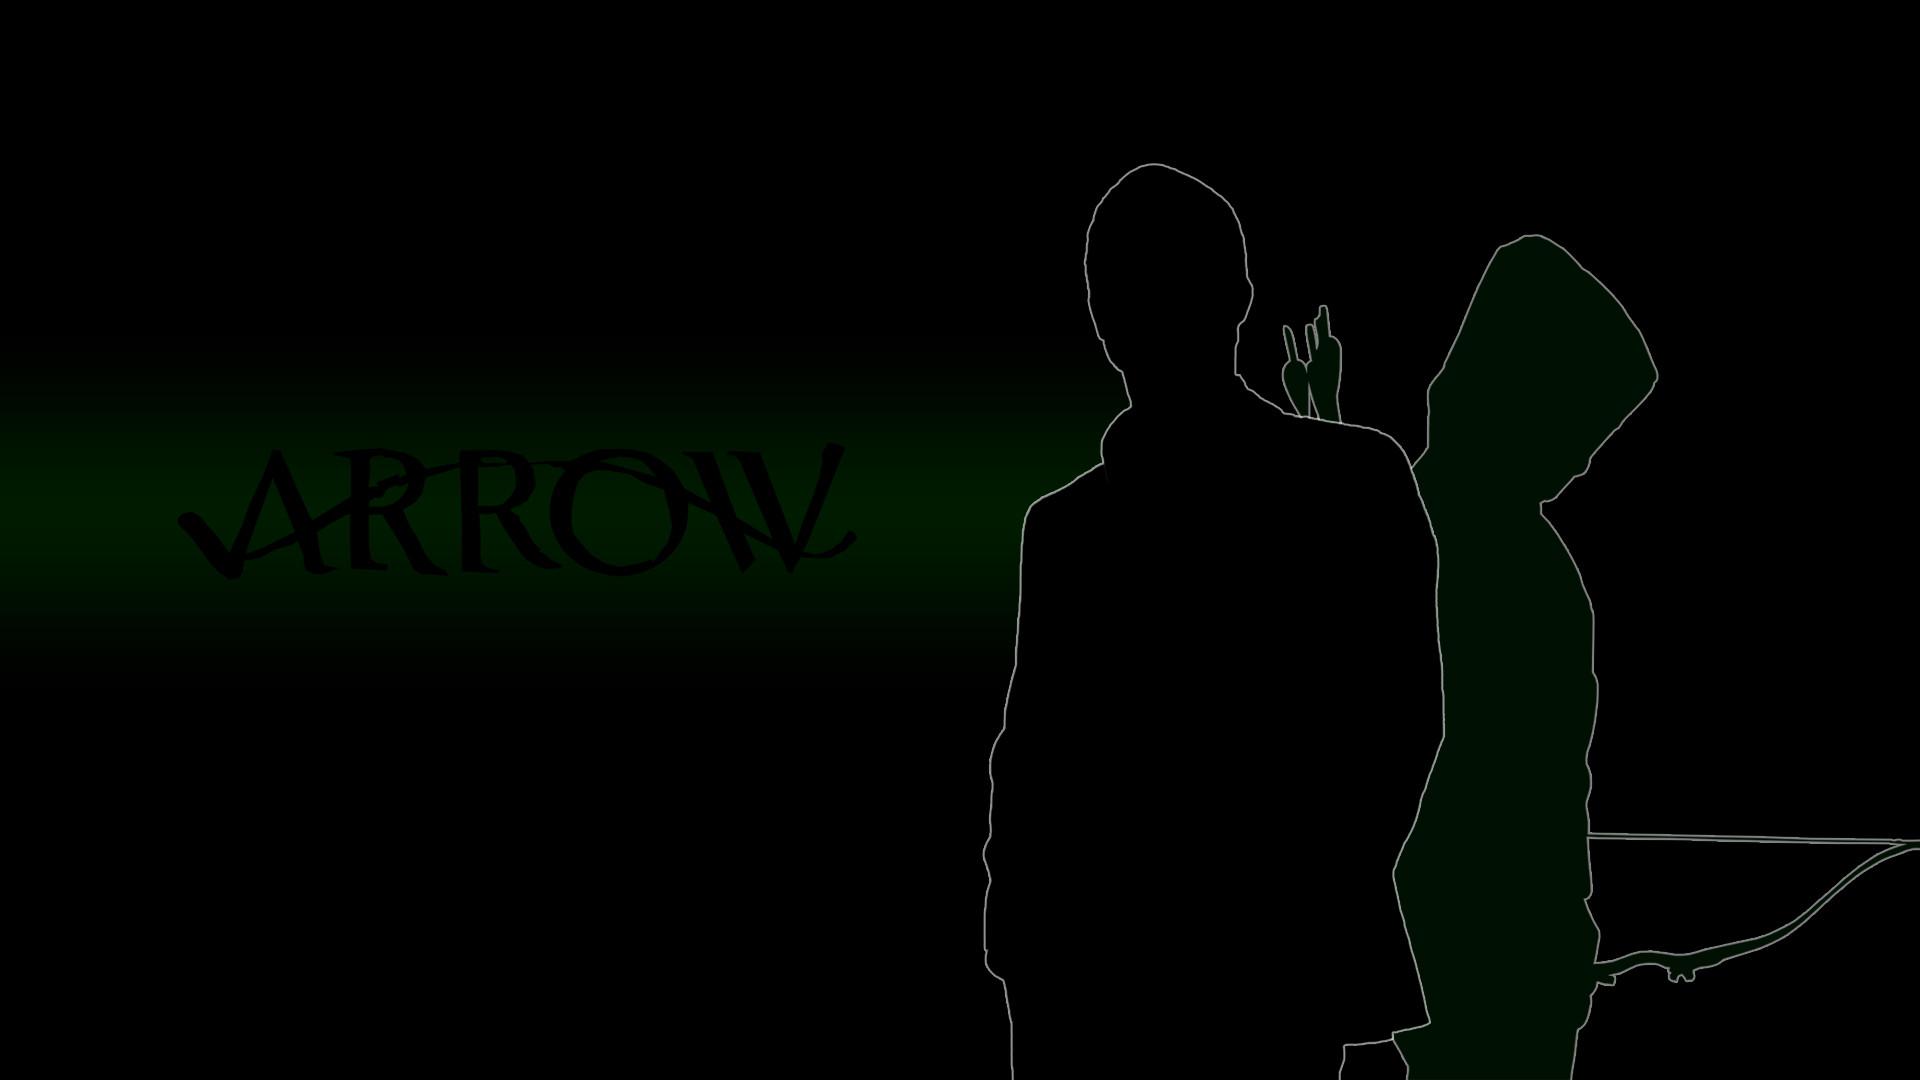 Arrow Wallpaper by masteroffunny on DeviantArt